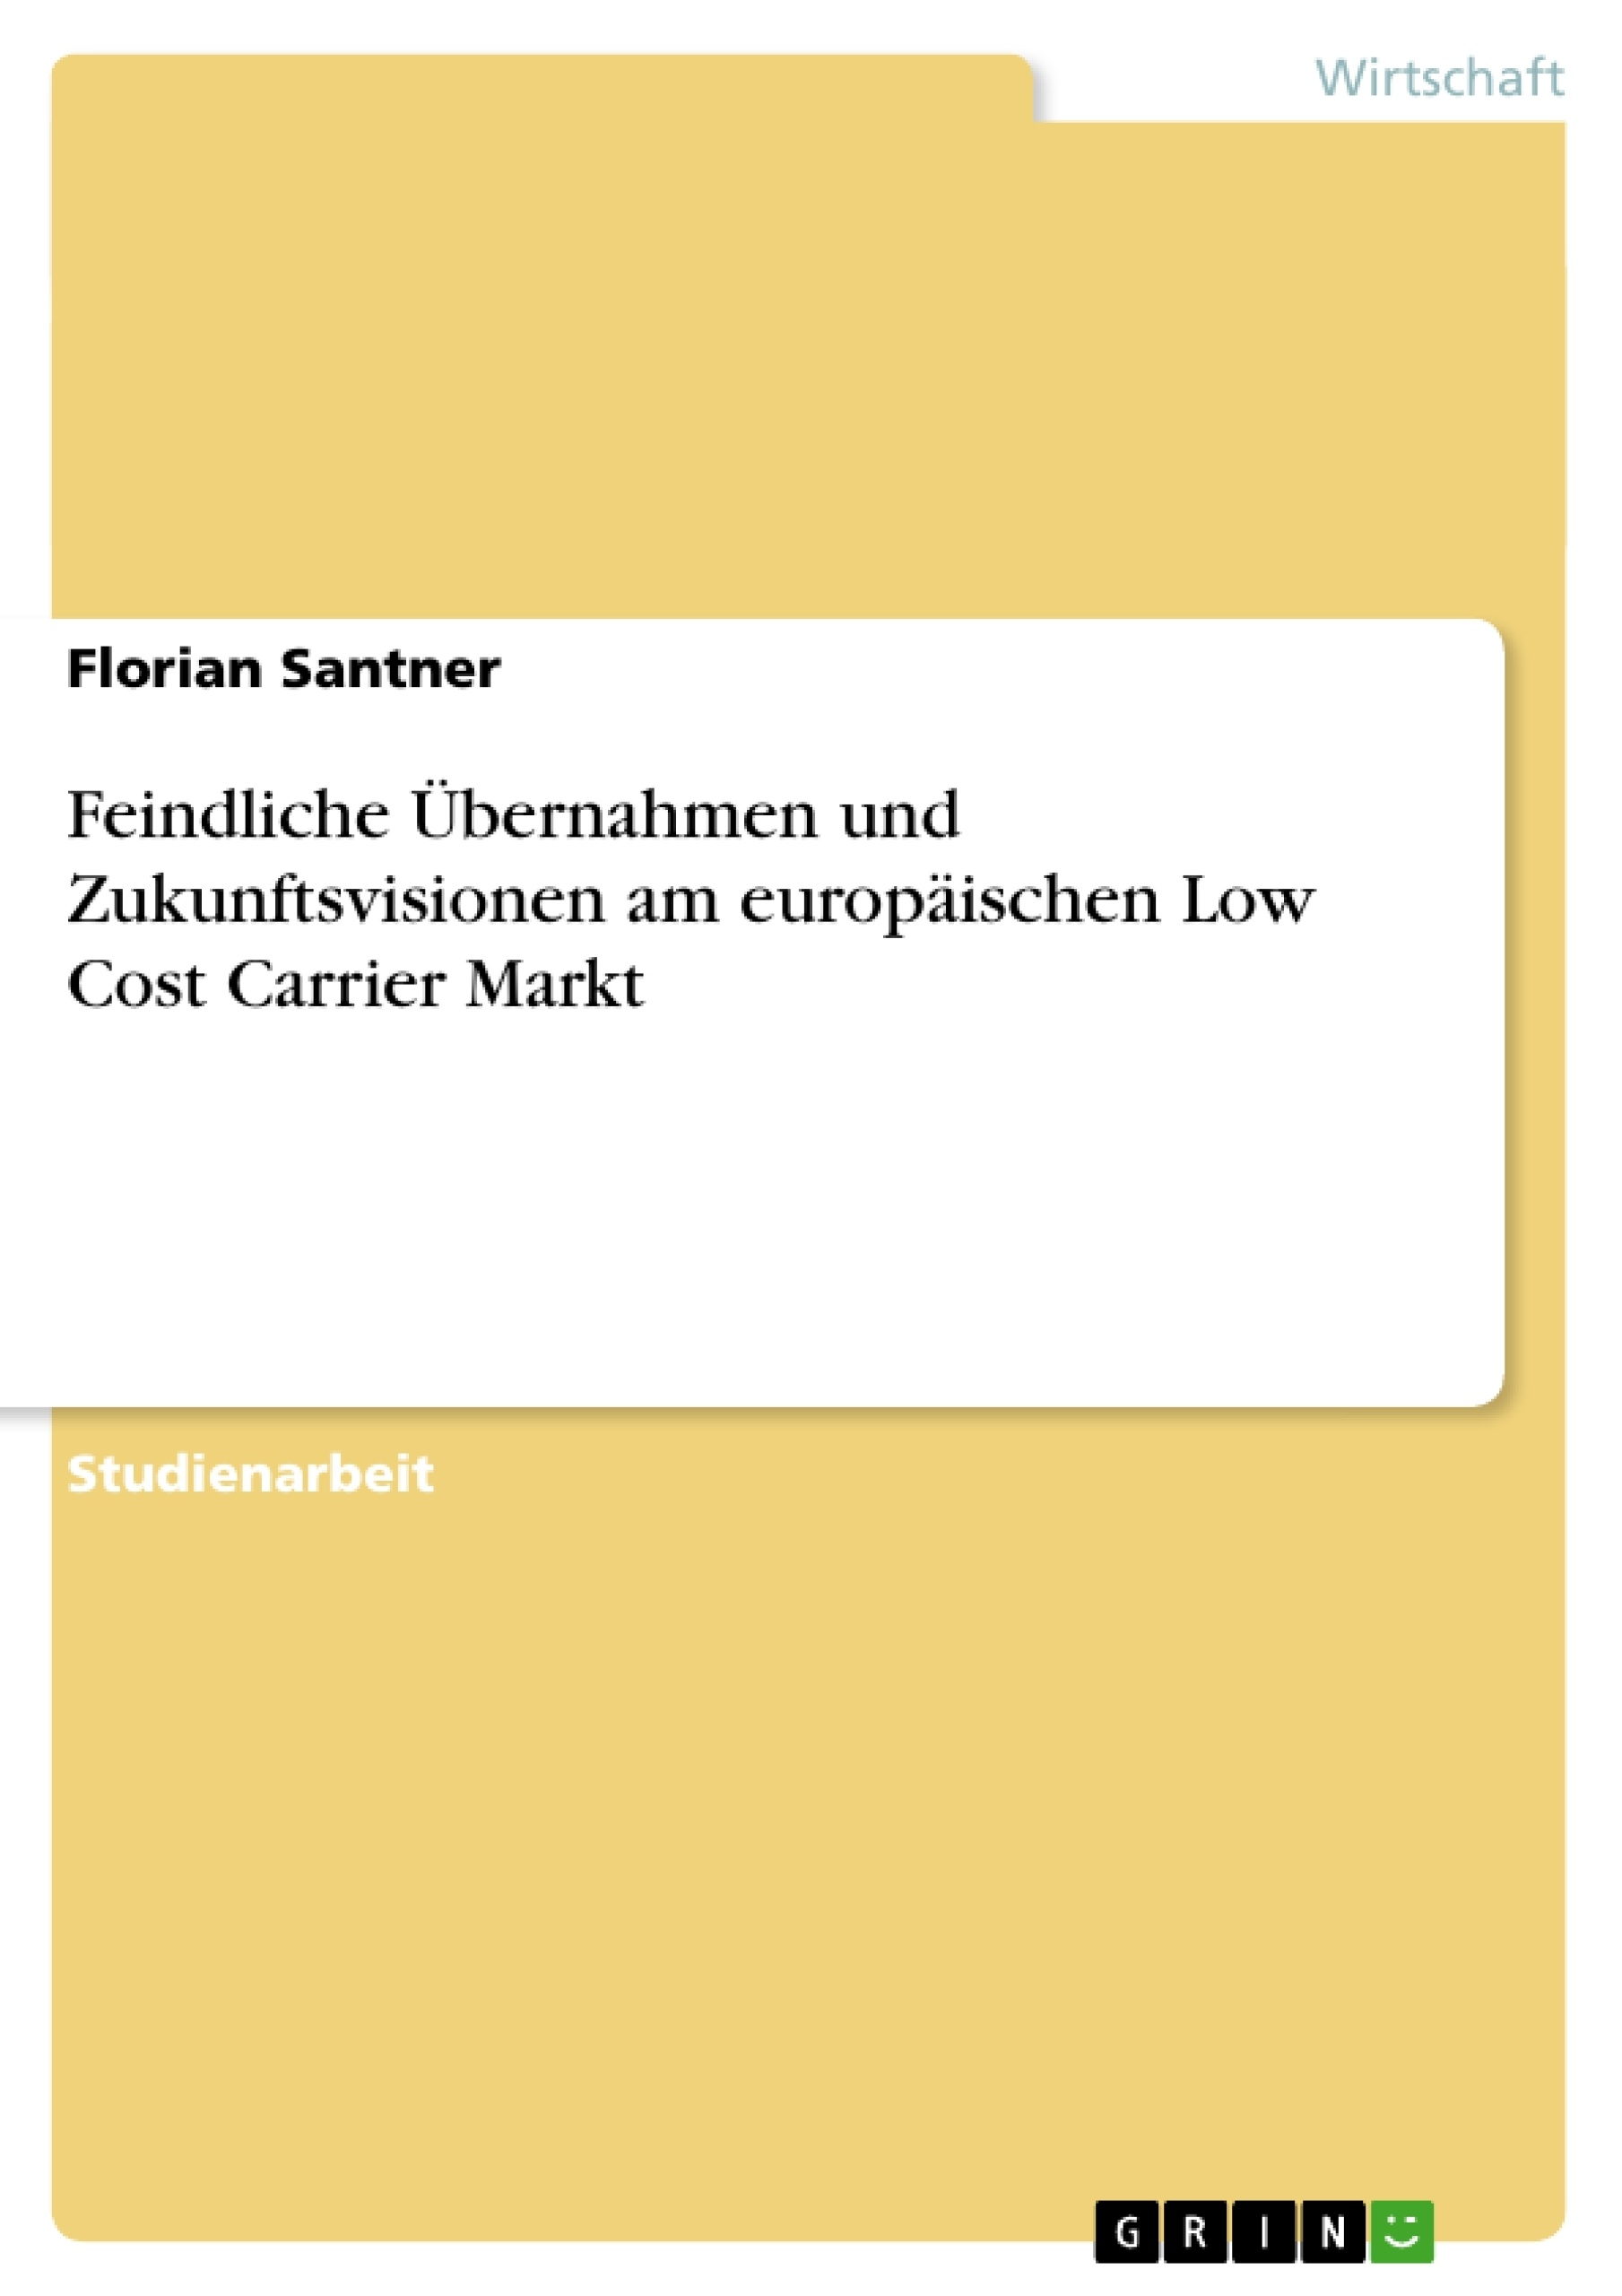 Titel: Feindliche Übernahmen und Zukunftsvisionen am europäischen Low Cost Carrier Markt